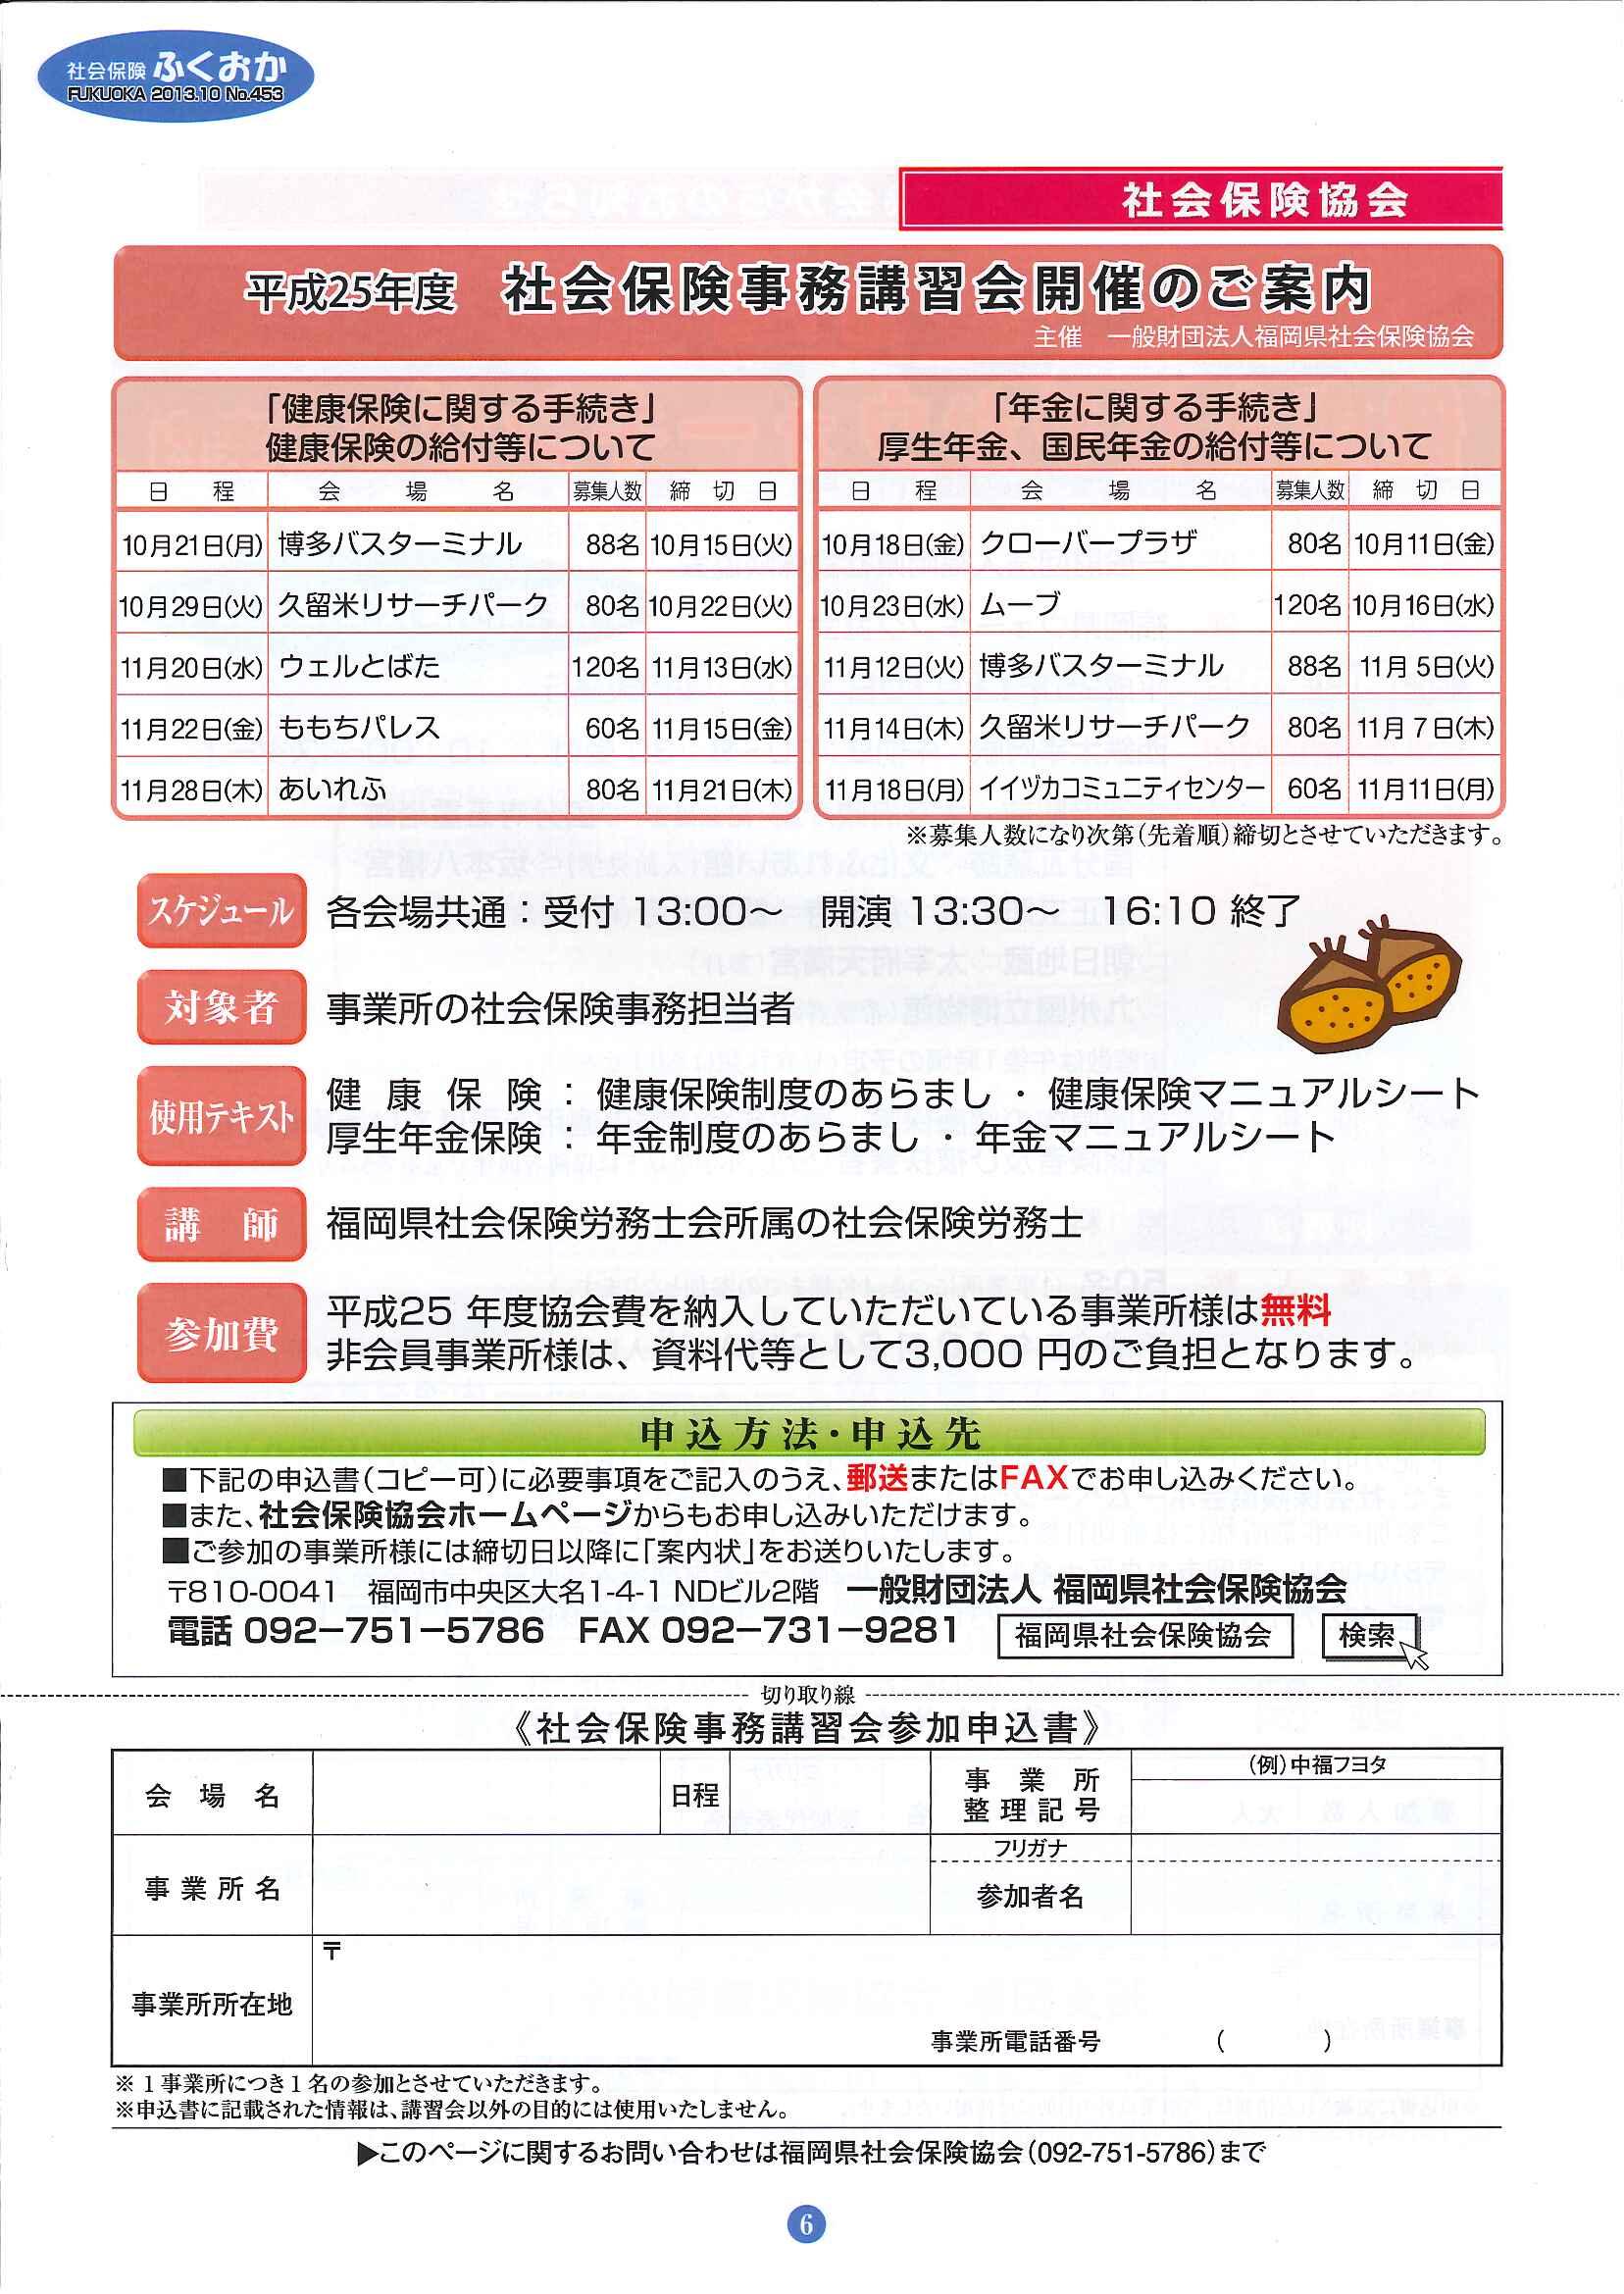 社会保険 ふくおか 2013年 10月号_f0120774_1504436.jpg